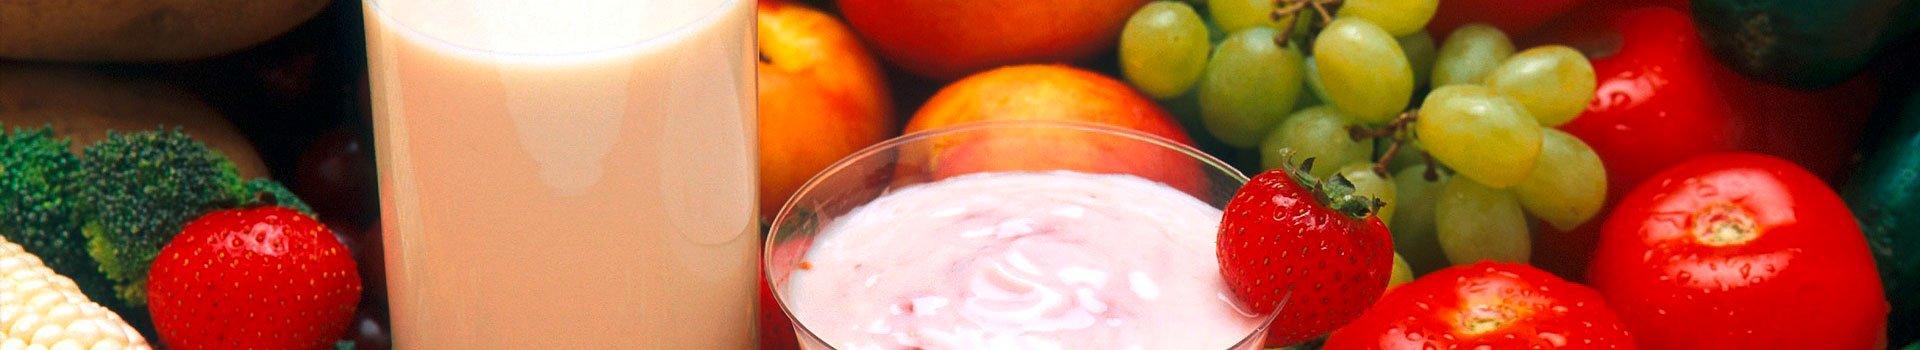 Bon à savoir - Les astuces et les bienfaits pour votre corps - Vitatonic